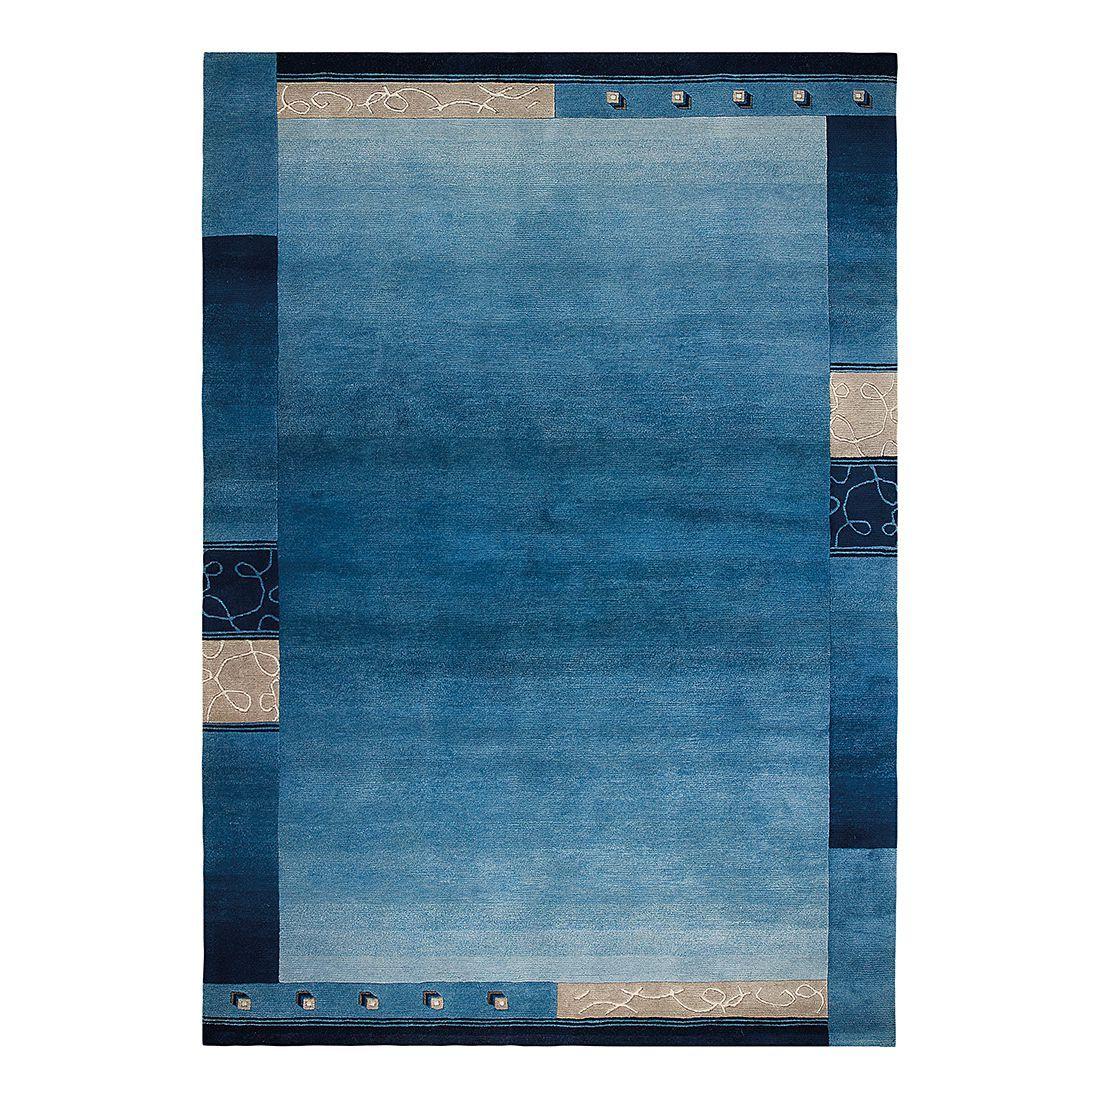 Teppich Super Q - Wolle/ Blau - 120 cm x 180 cm, Luxor living